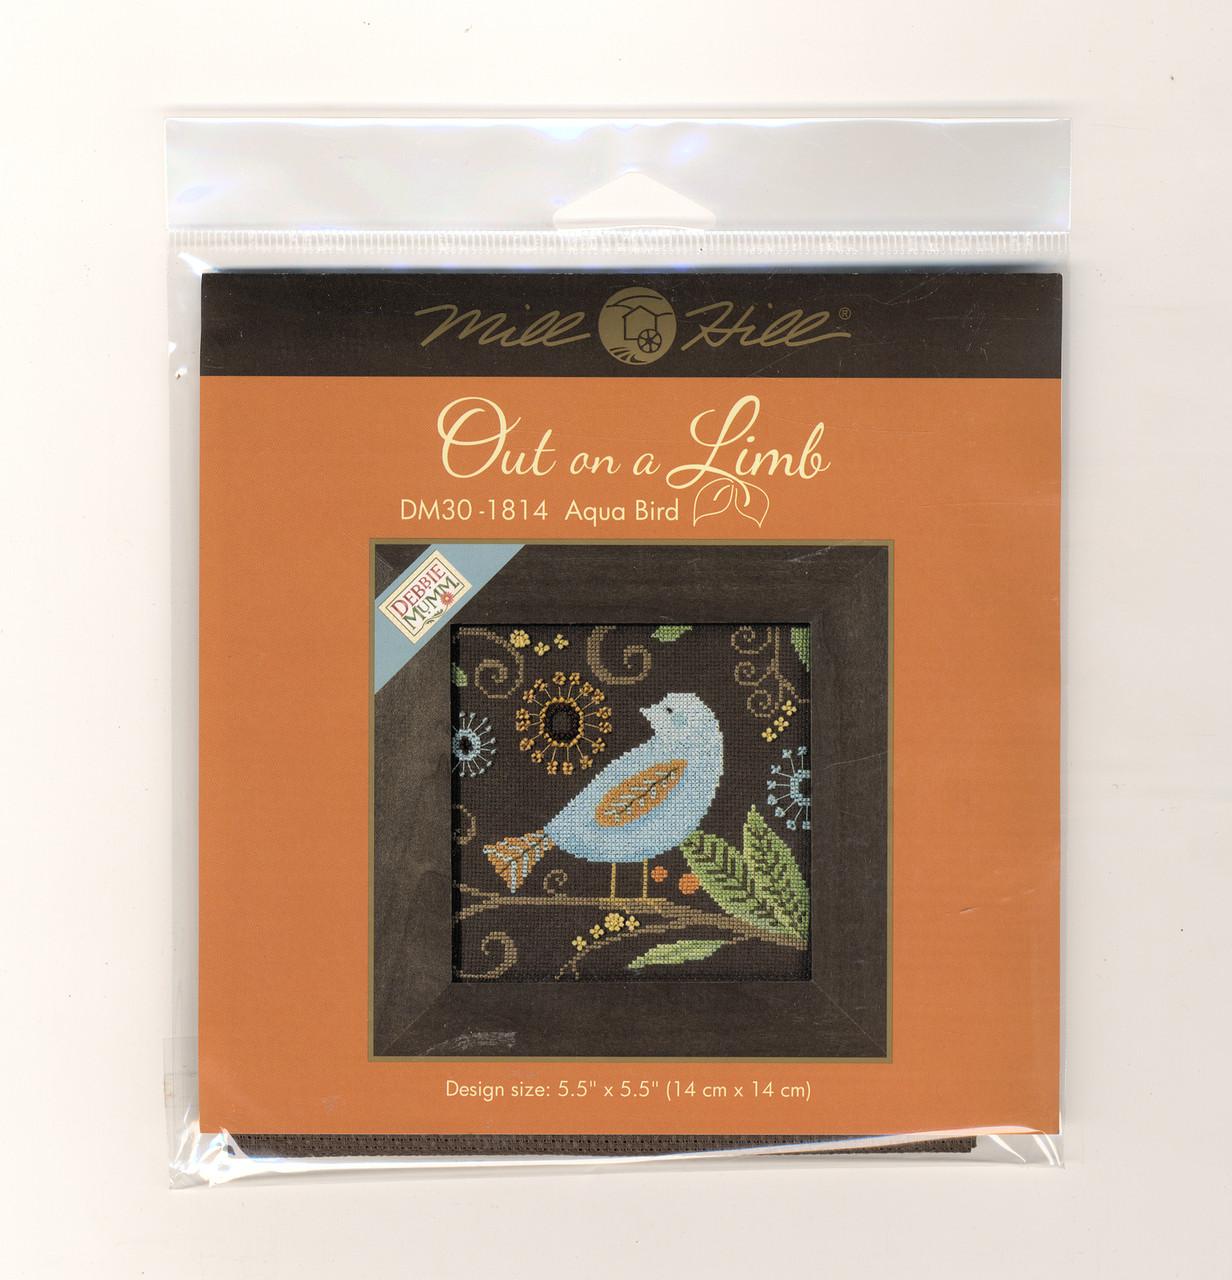 Mill Hill / Debbie Mumm -  Aqua Bird Out on a Limb